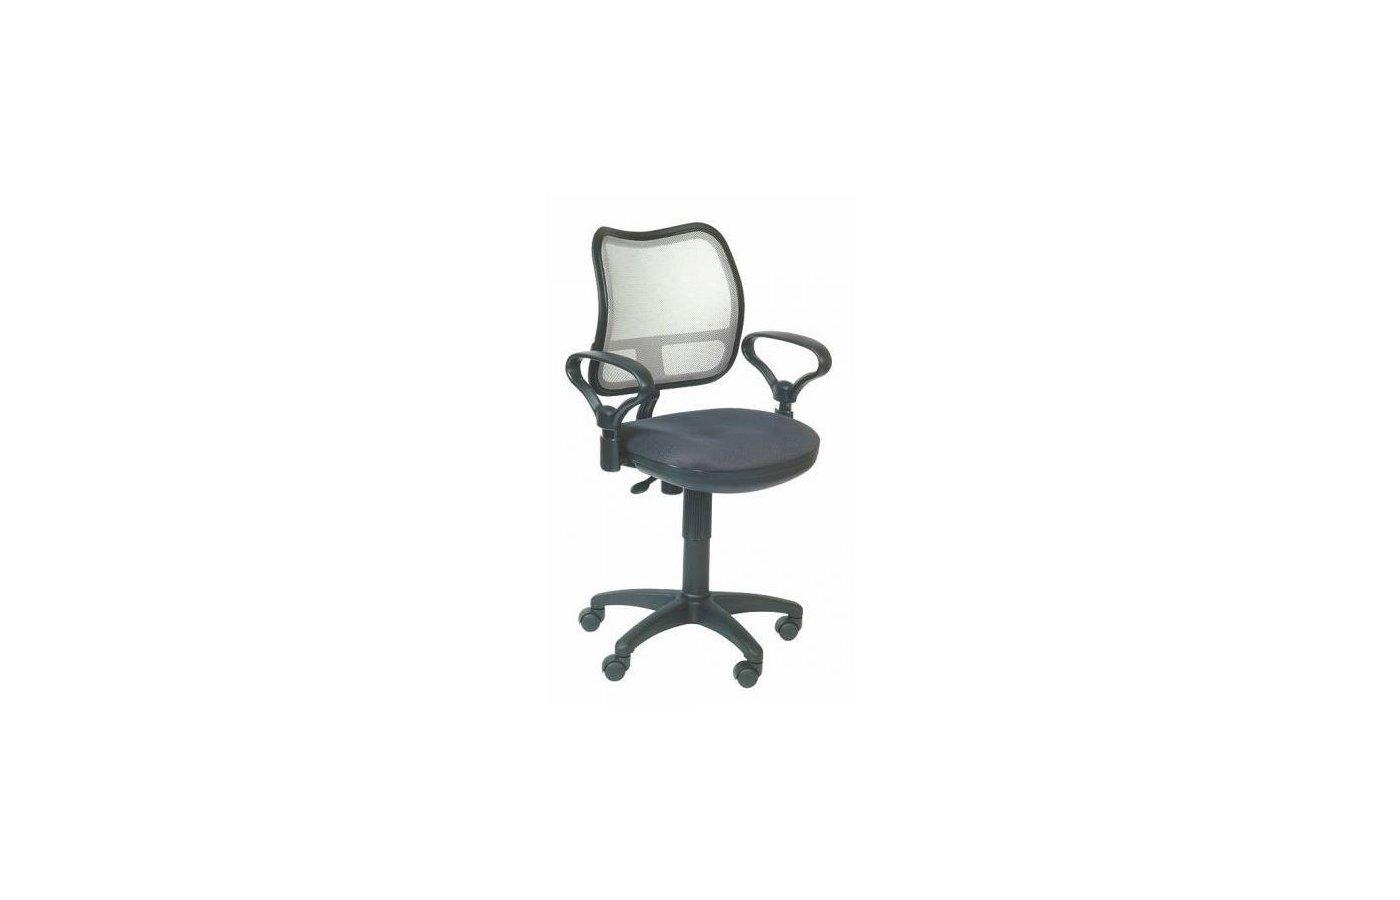 Бюрократ CH-799/LG/TW-12 спинка сетка светло-серый сиденье серый TW-12